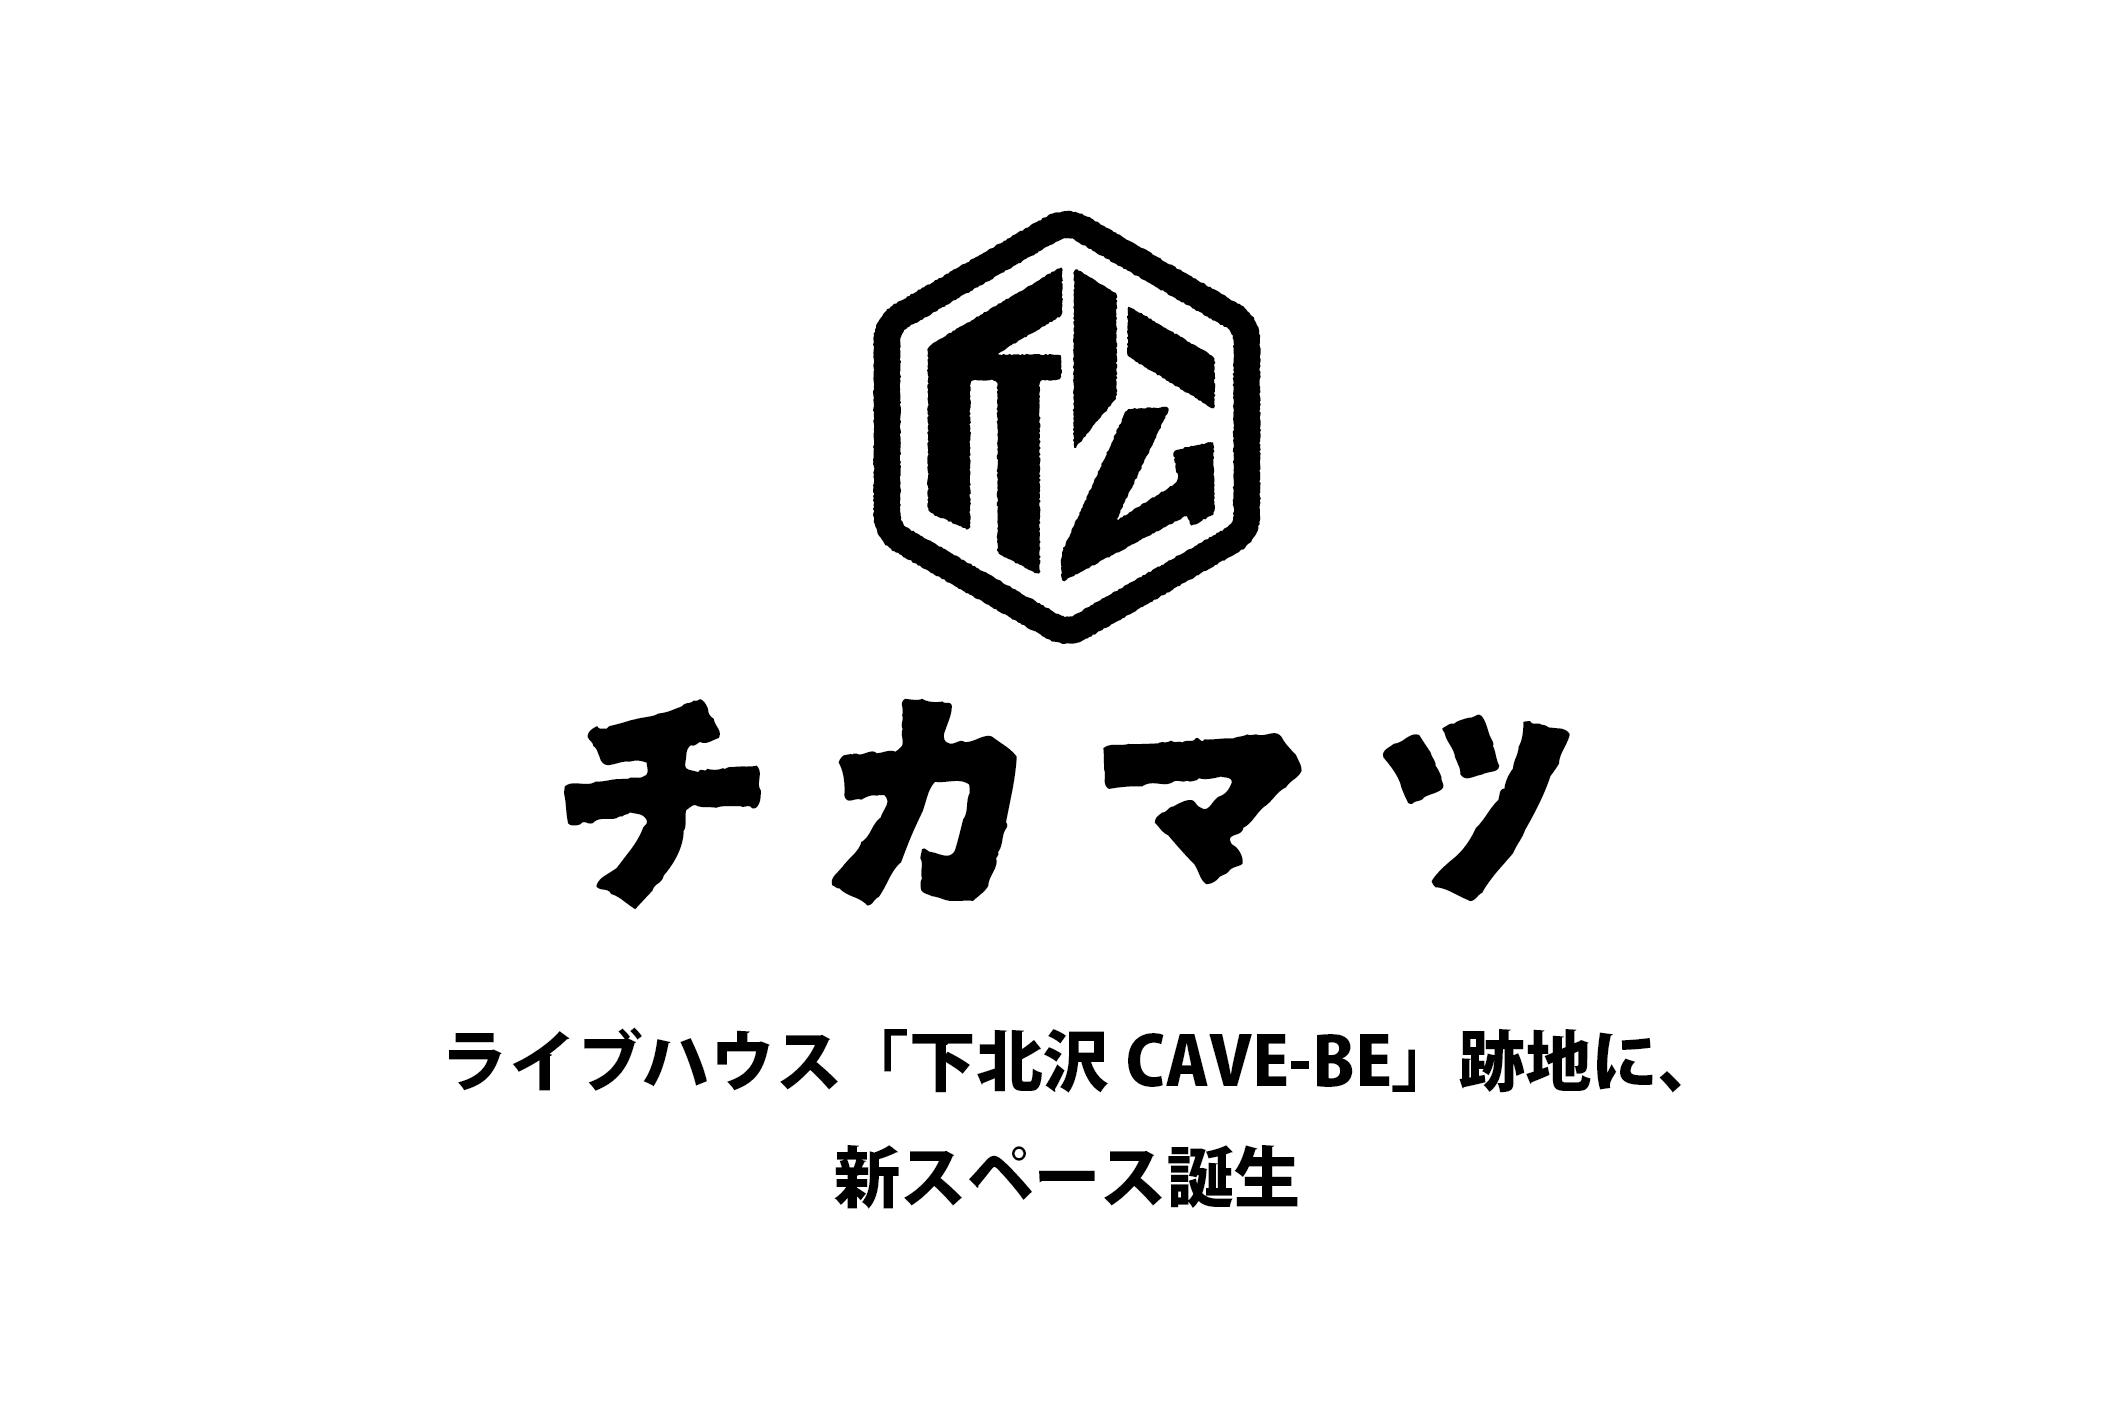 ライブハウス「下北沢CAVE BE」の跡地に新スペース誕生!カルチャーの発信地「近松」を作ります!